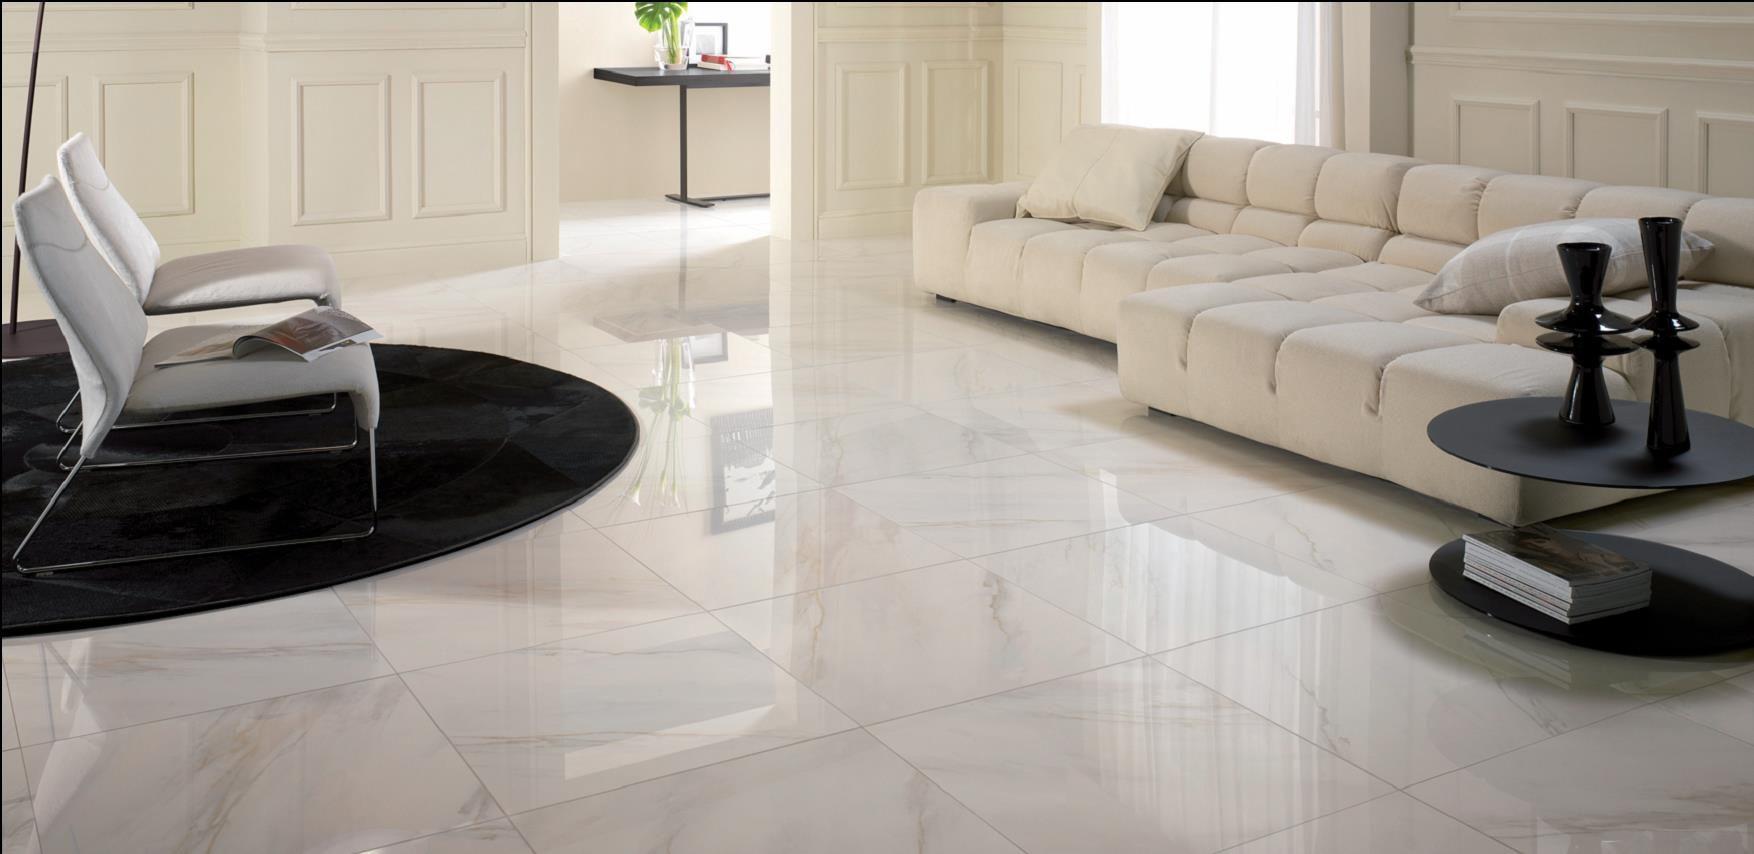 Epingle Par Mohamed Fethi Sur Projets A Essayer Carrelage Marbre Blanc Interieur Maison Et Chambre Design